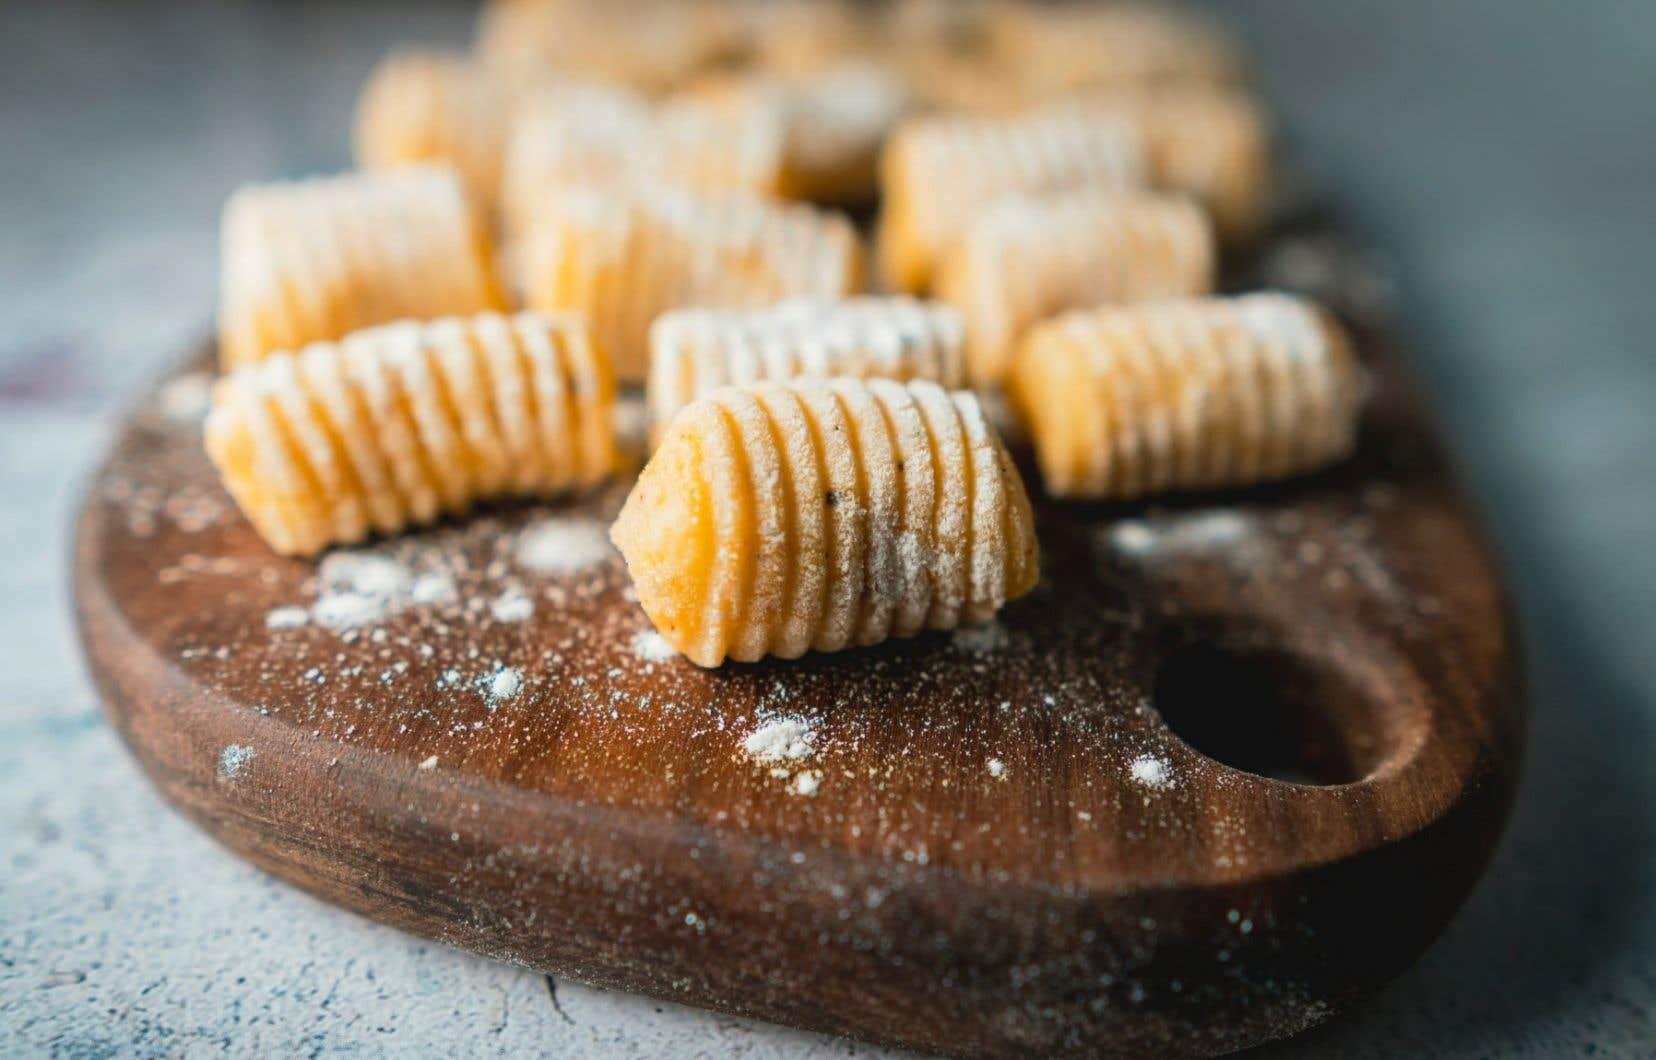 Des gnocchis à la carotte rôtie, à servir en entrée avant un plat léger ou en plat principal avec une viande braisée, par exemple